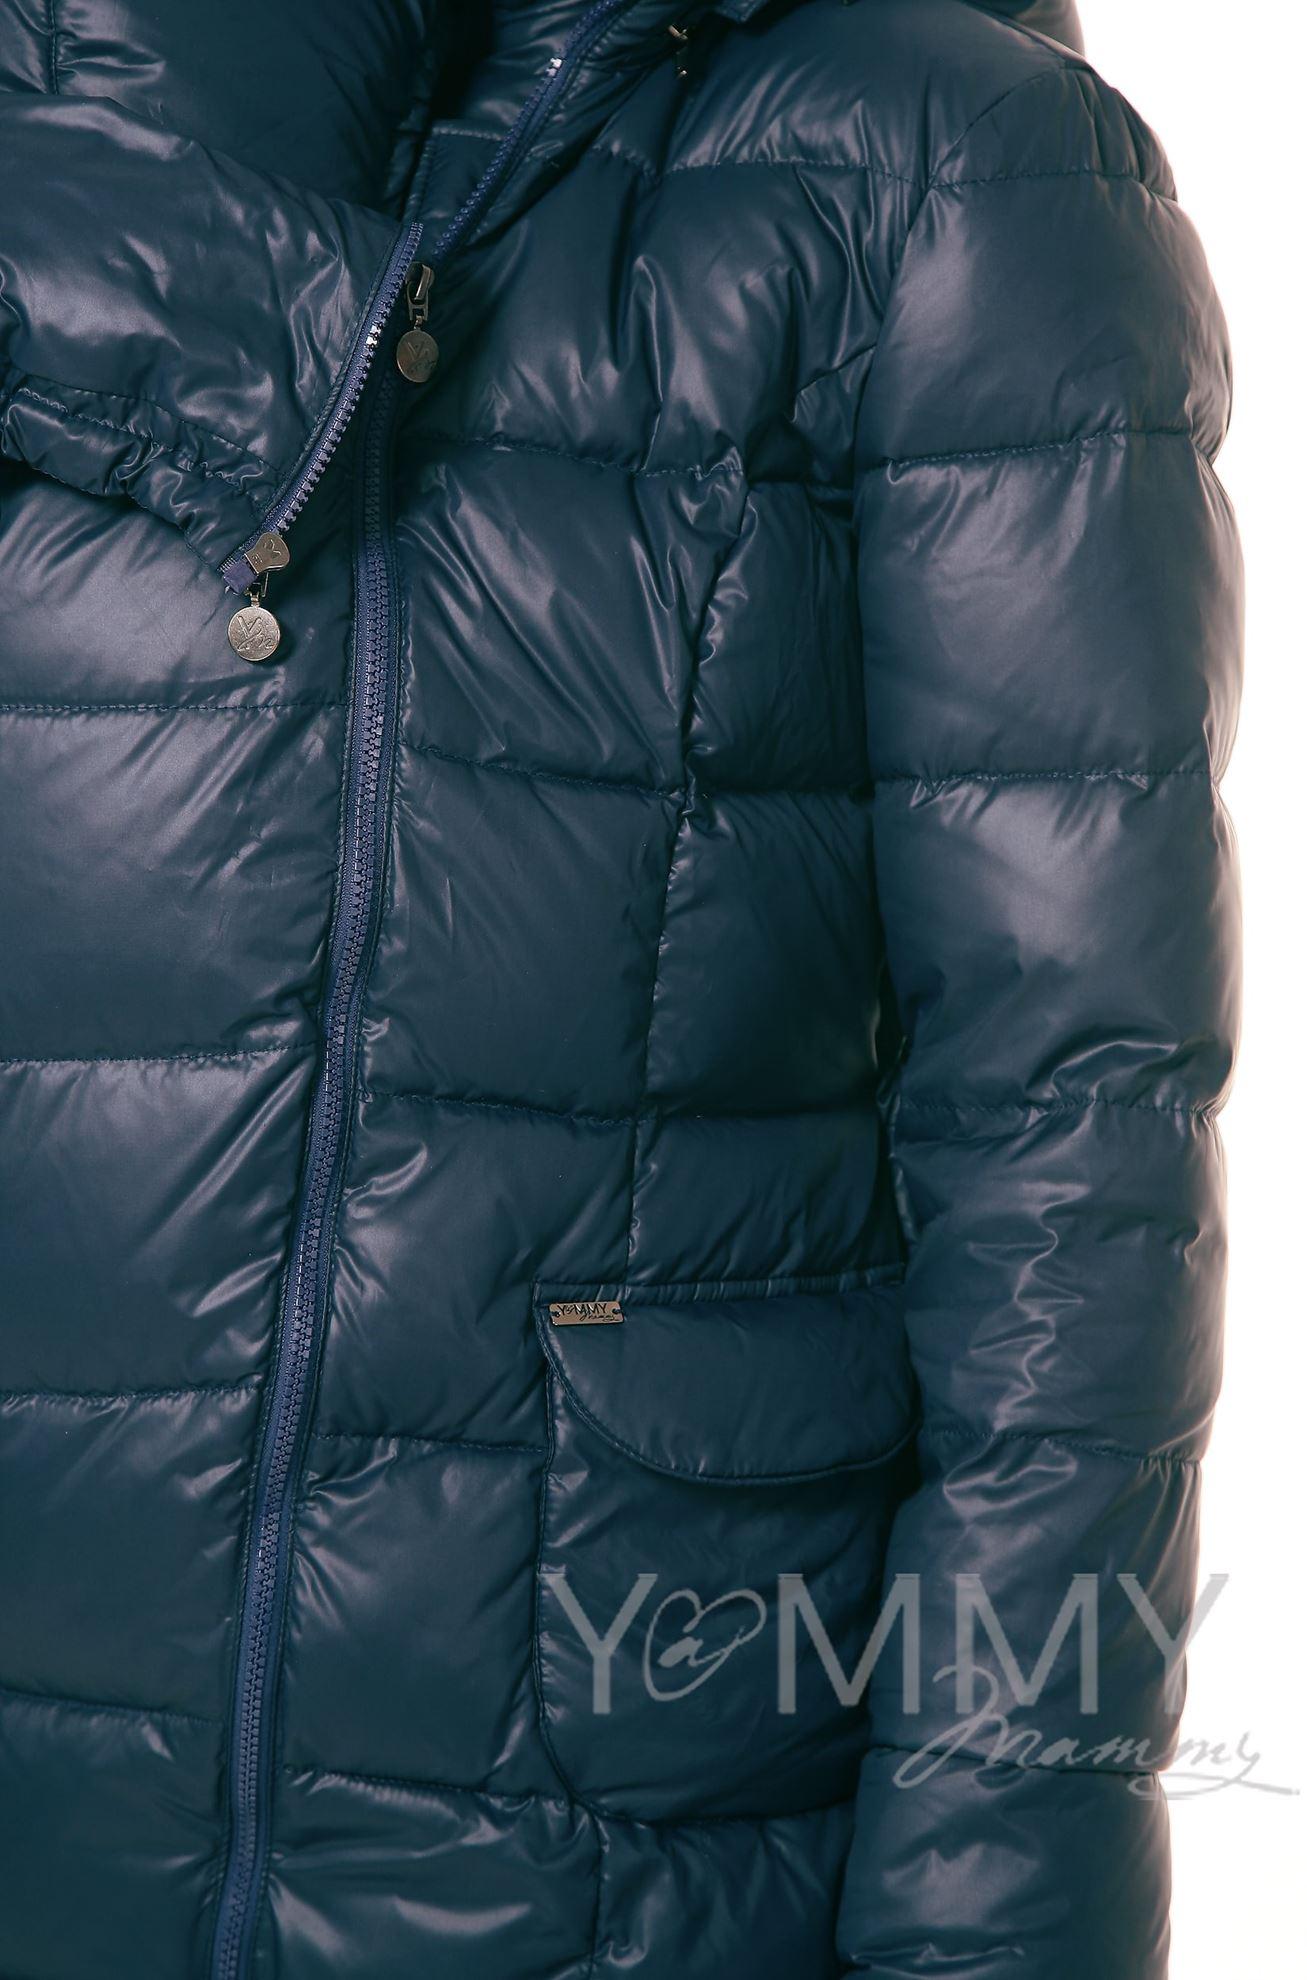 Изображение                               Пуховое слингопальто 3 в 1 темно-синее